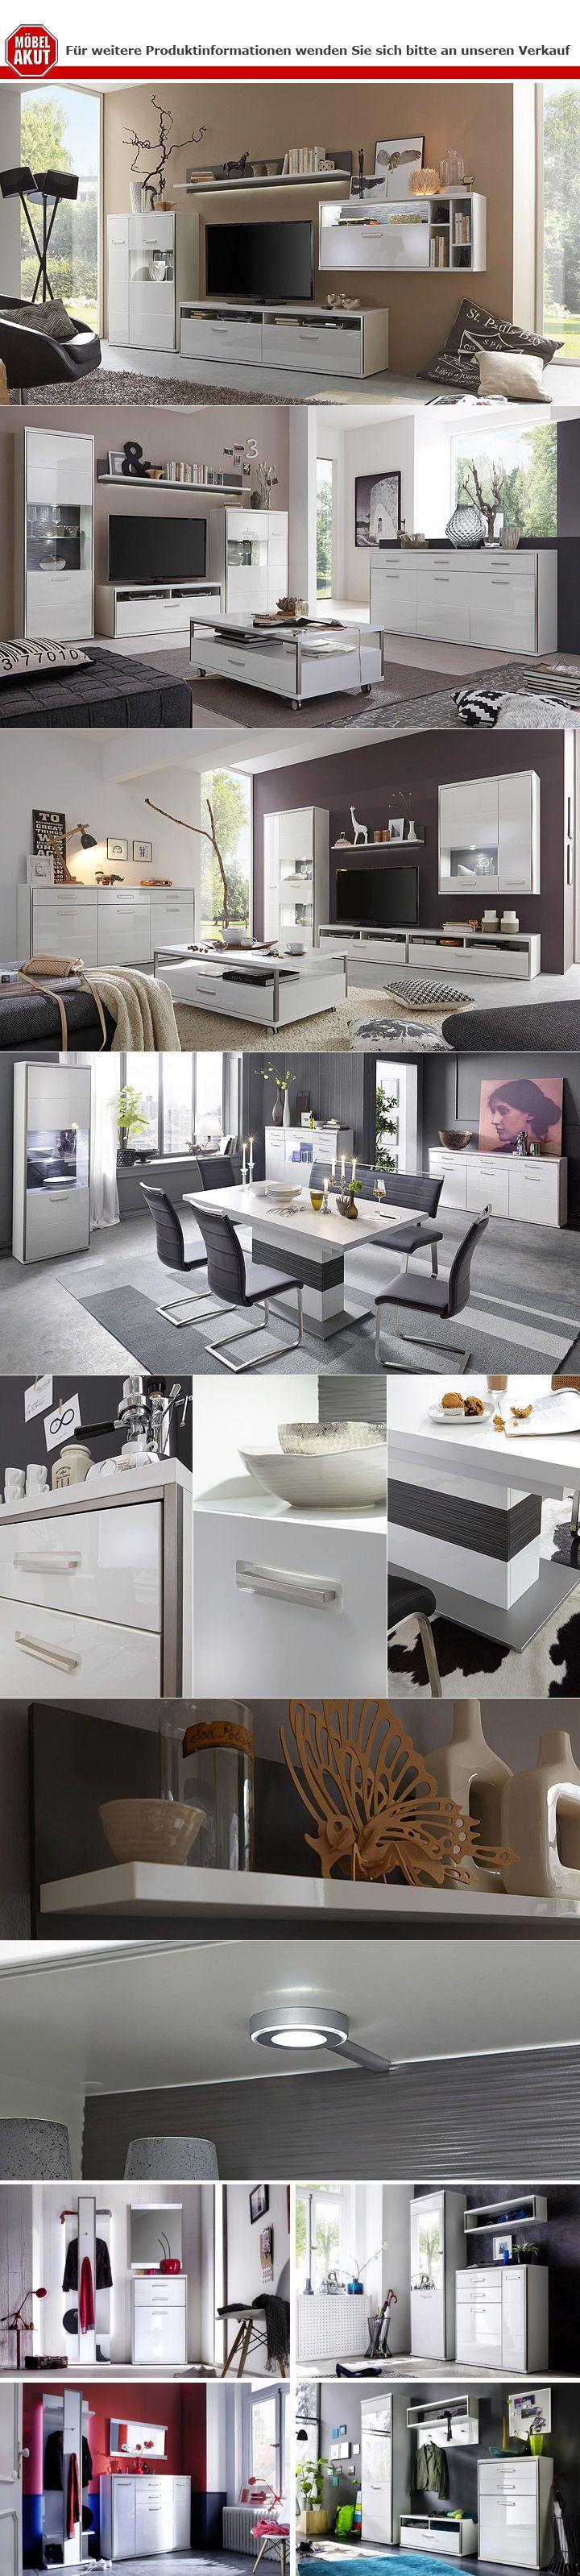 Esstisch Trento ~ Esstisch Trento Säuelntisch Tisch ausziehbar weiß und grau 180280×100 cm  eBay